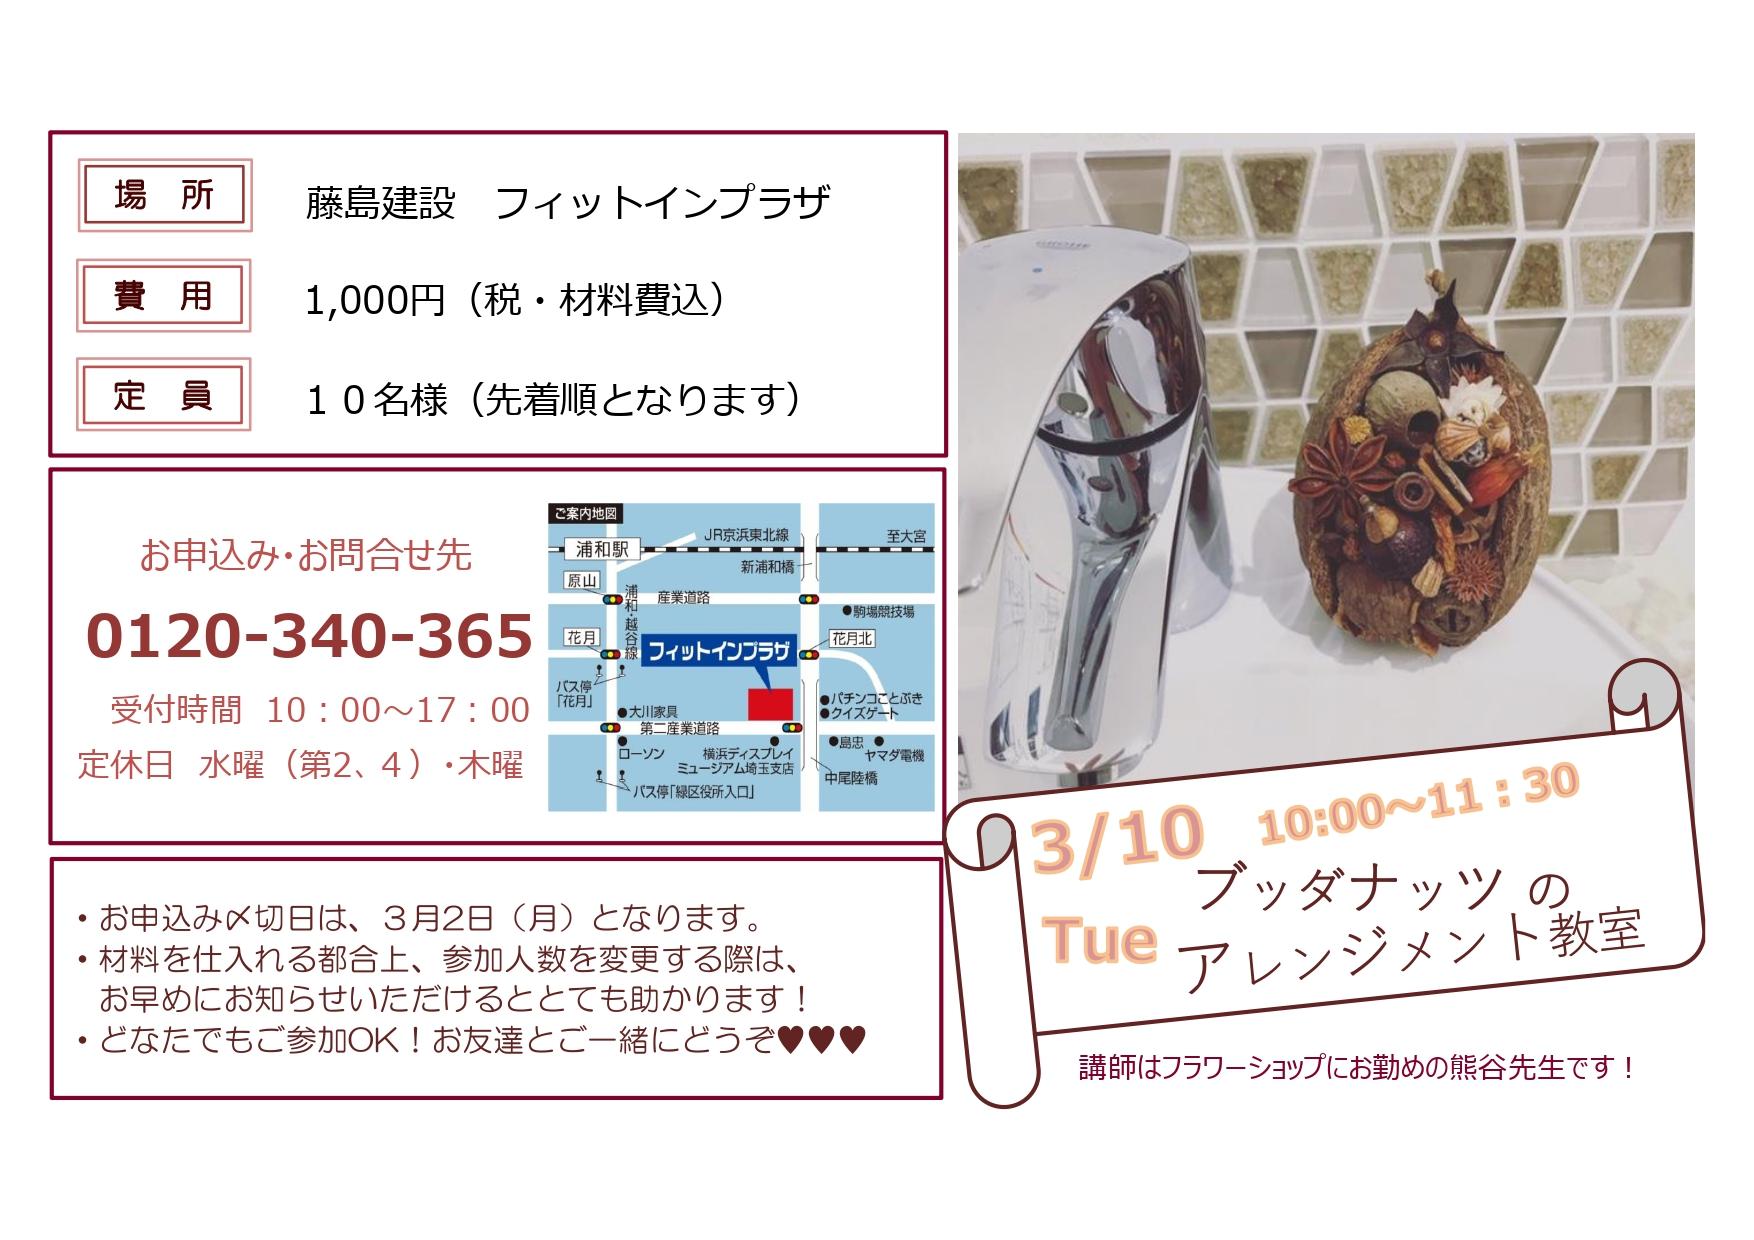 3月10日ブッダナッツアレンジメント教室_page-0001 (1).jpg